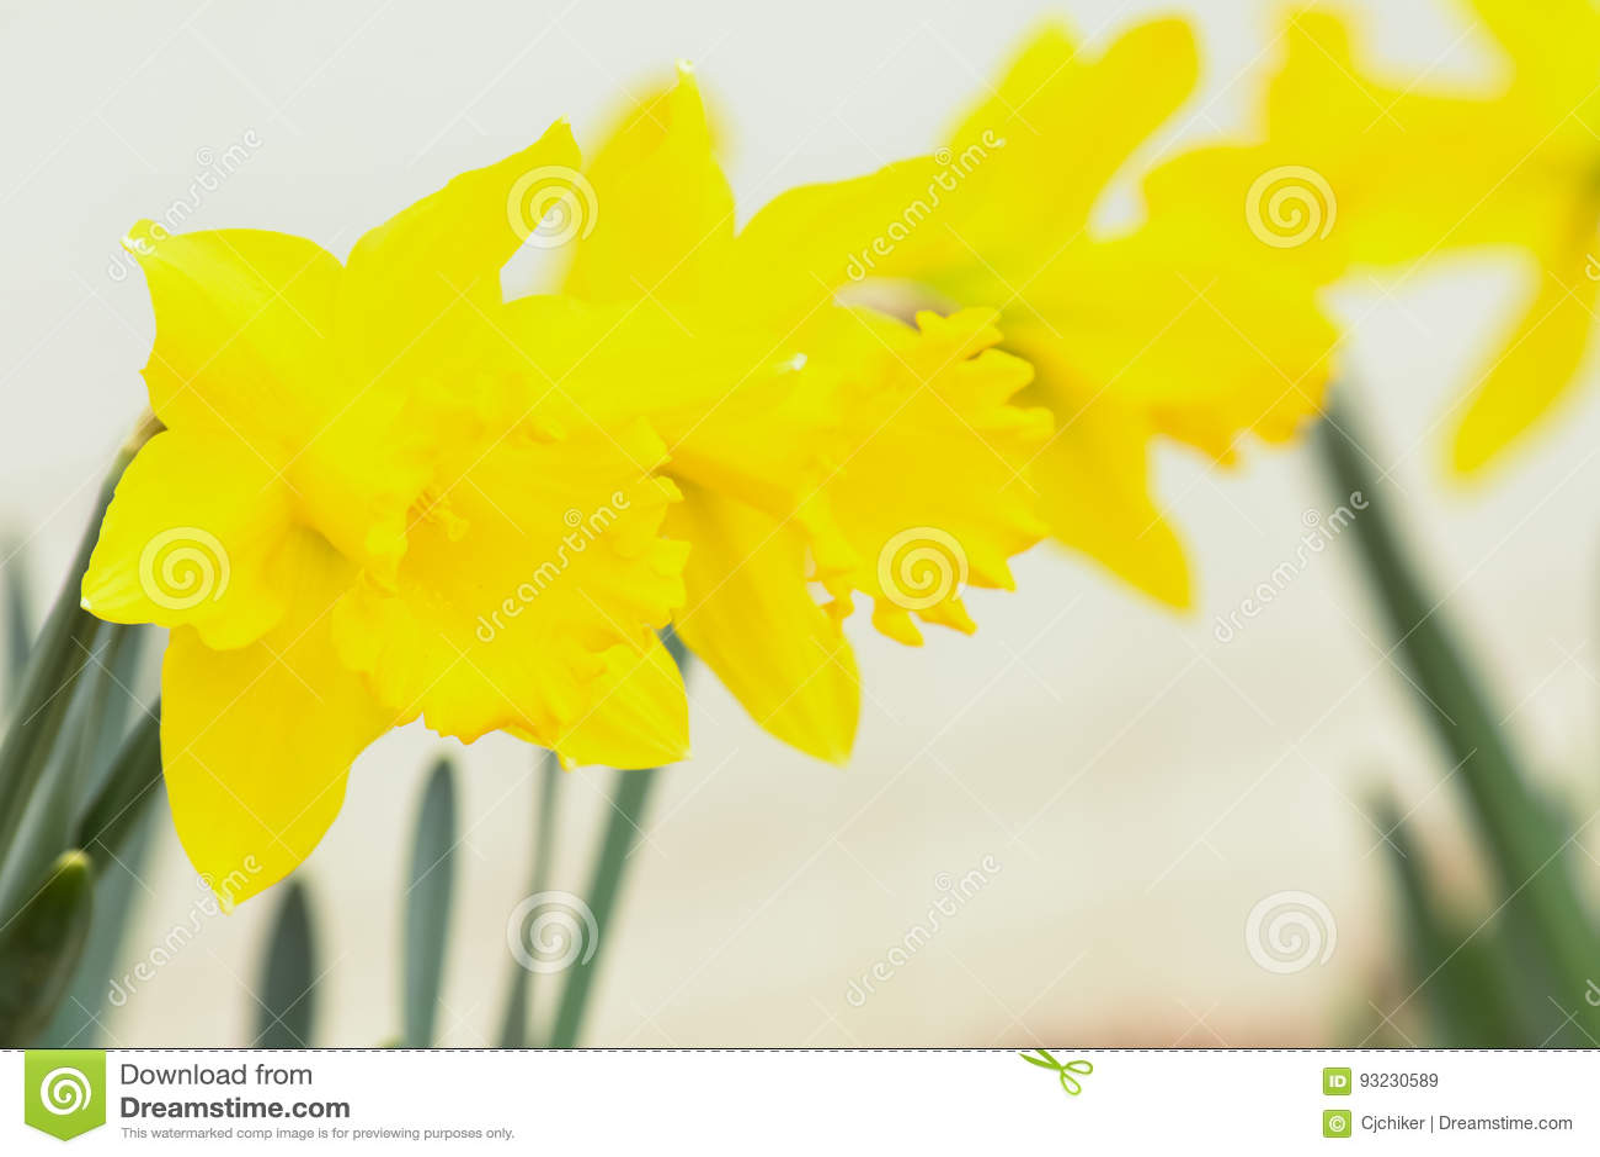 Drie gele narcissen